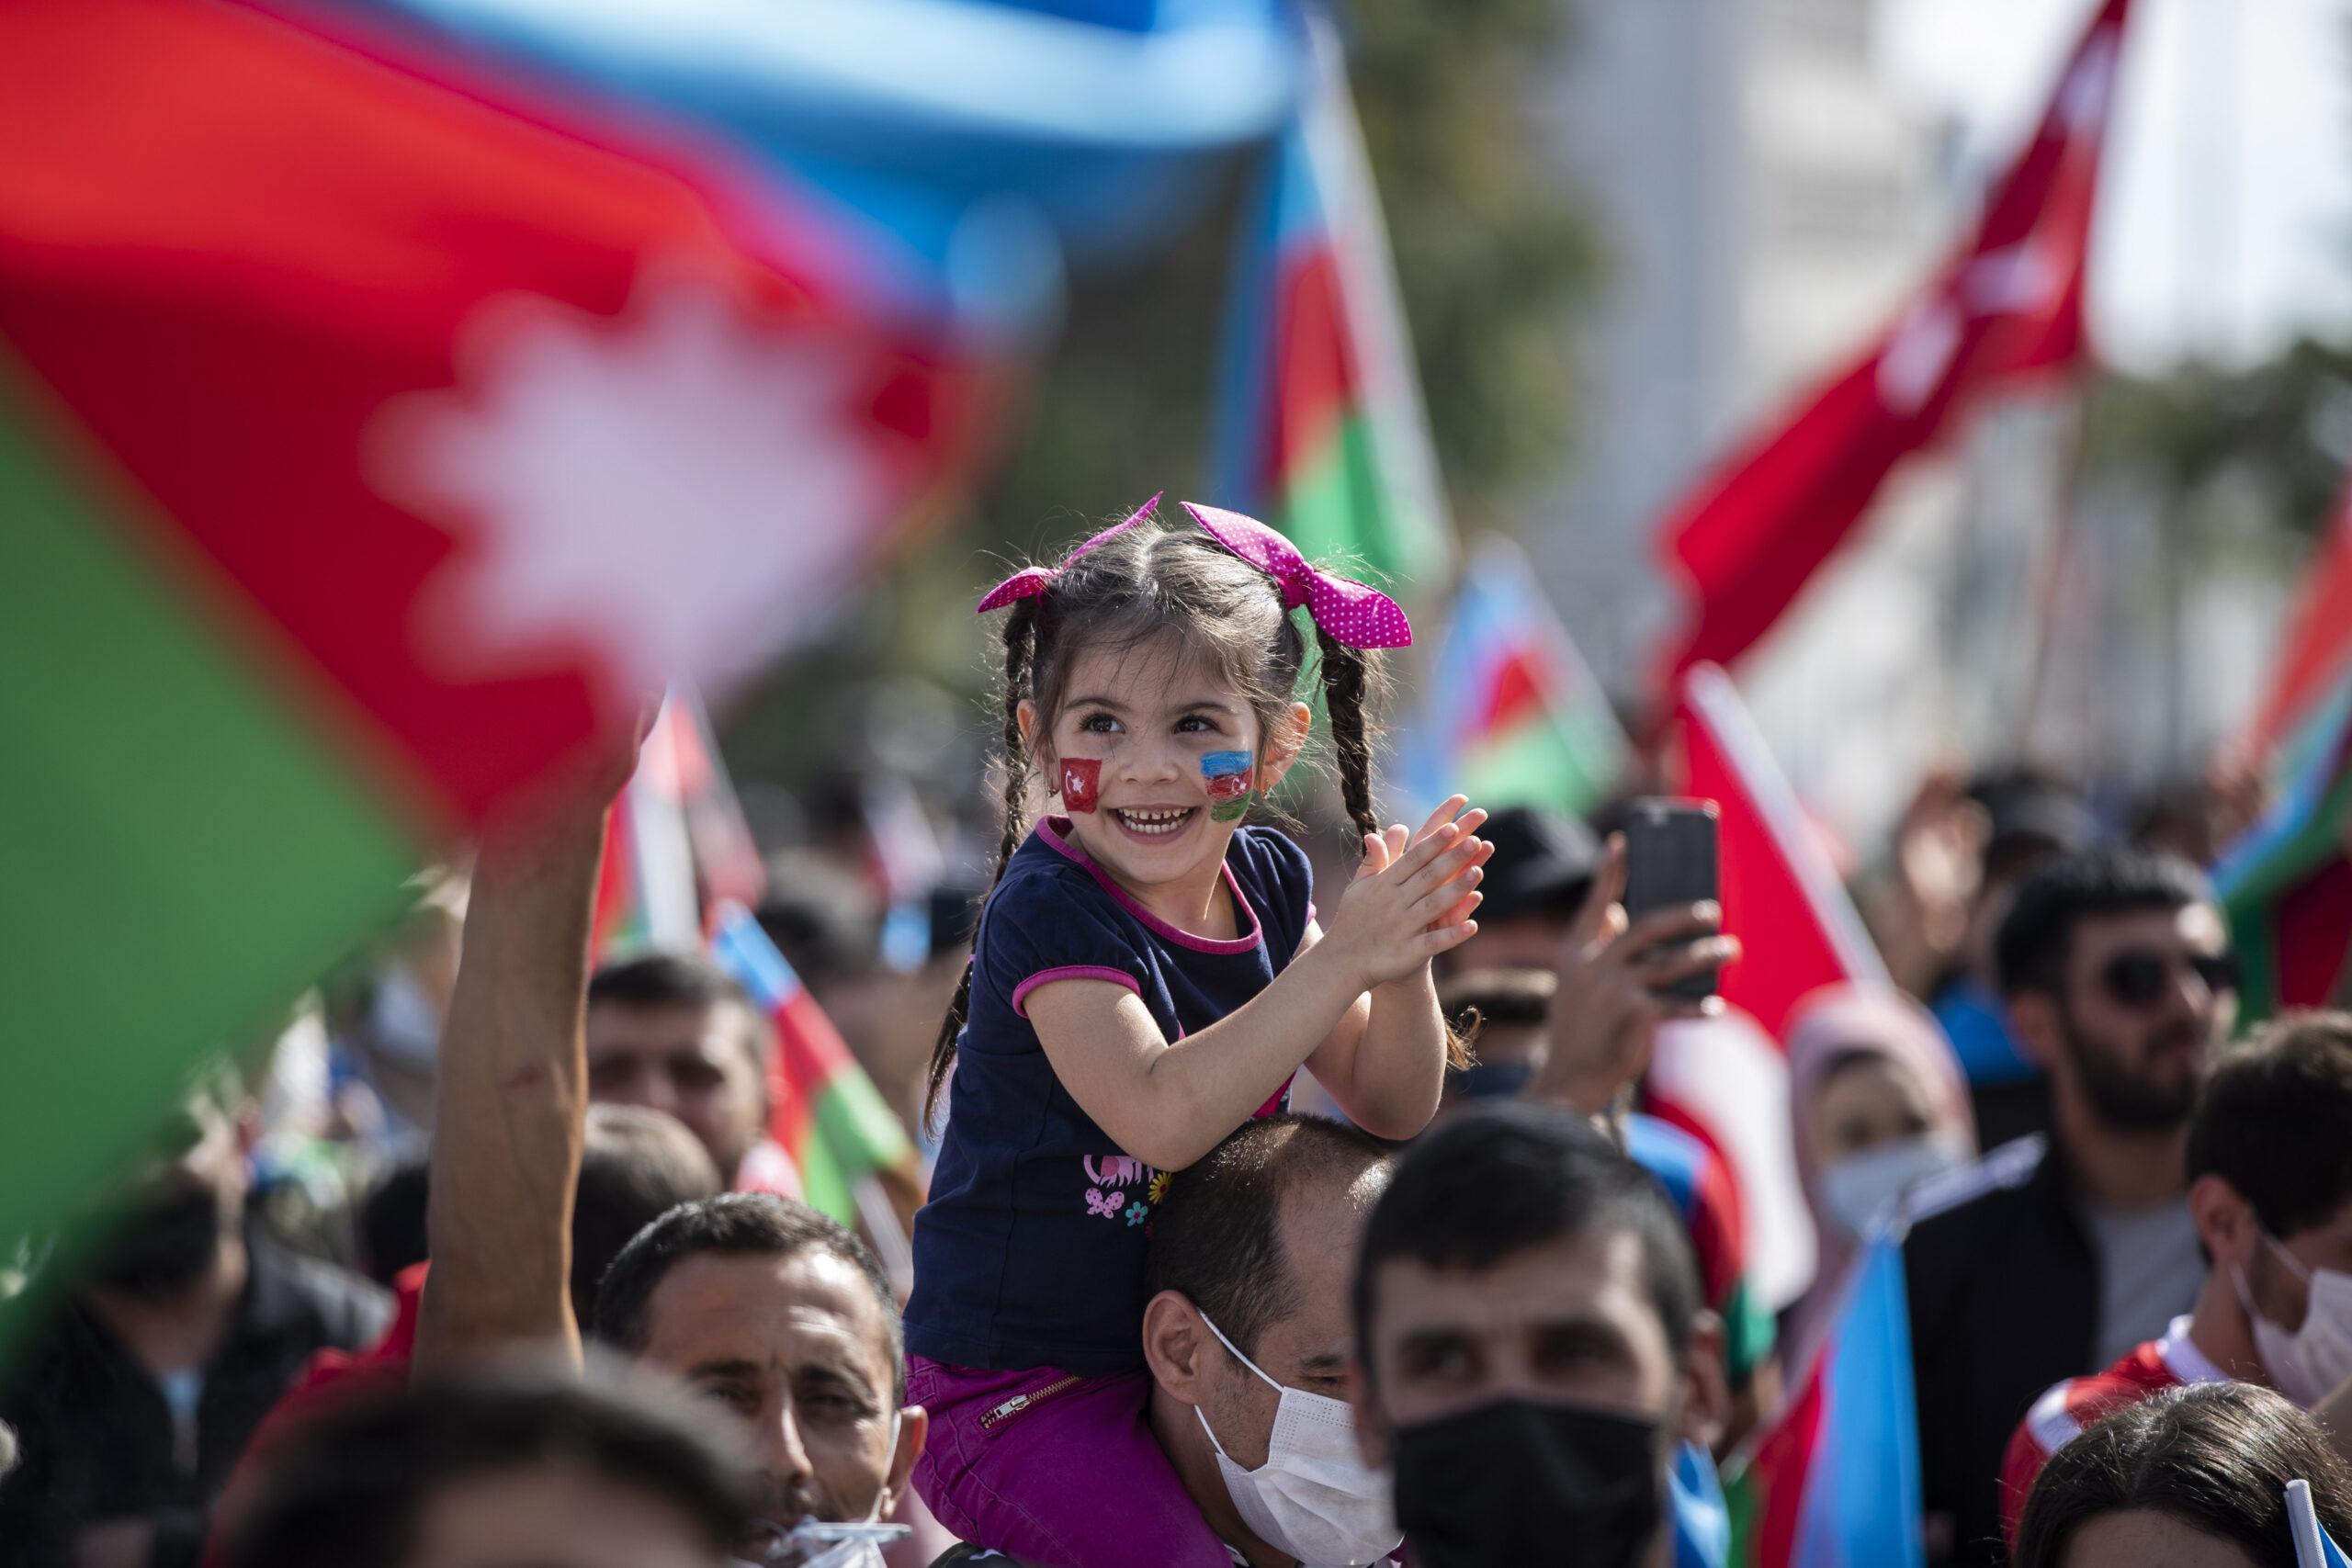 Azeri zsidók — egy muszlim ország reklámfigurái